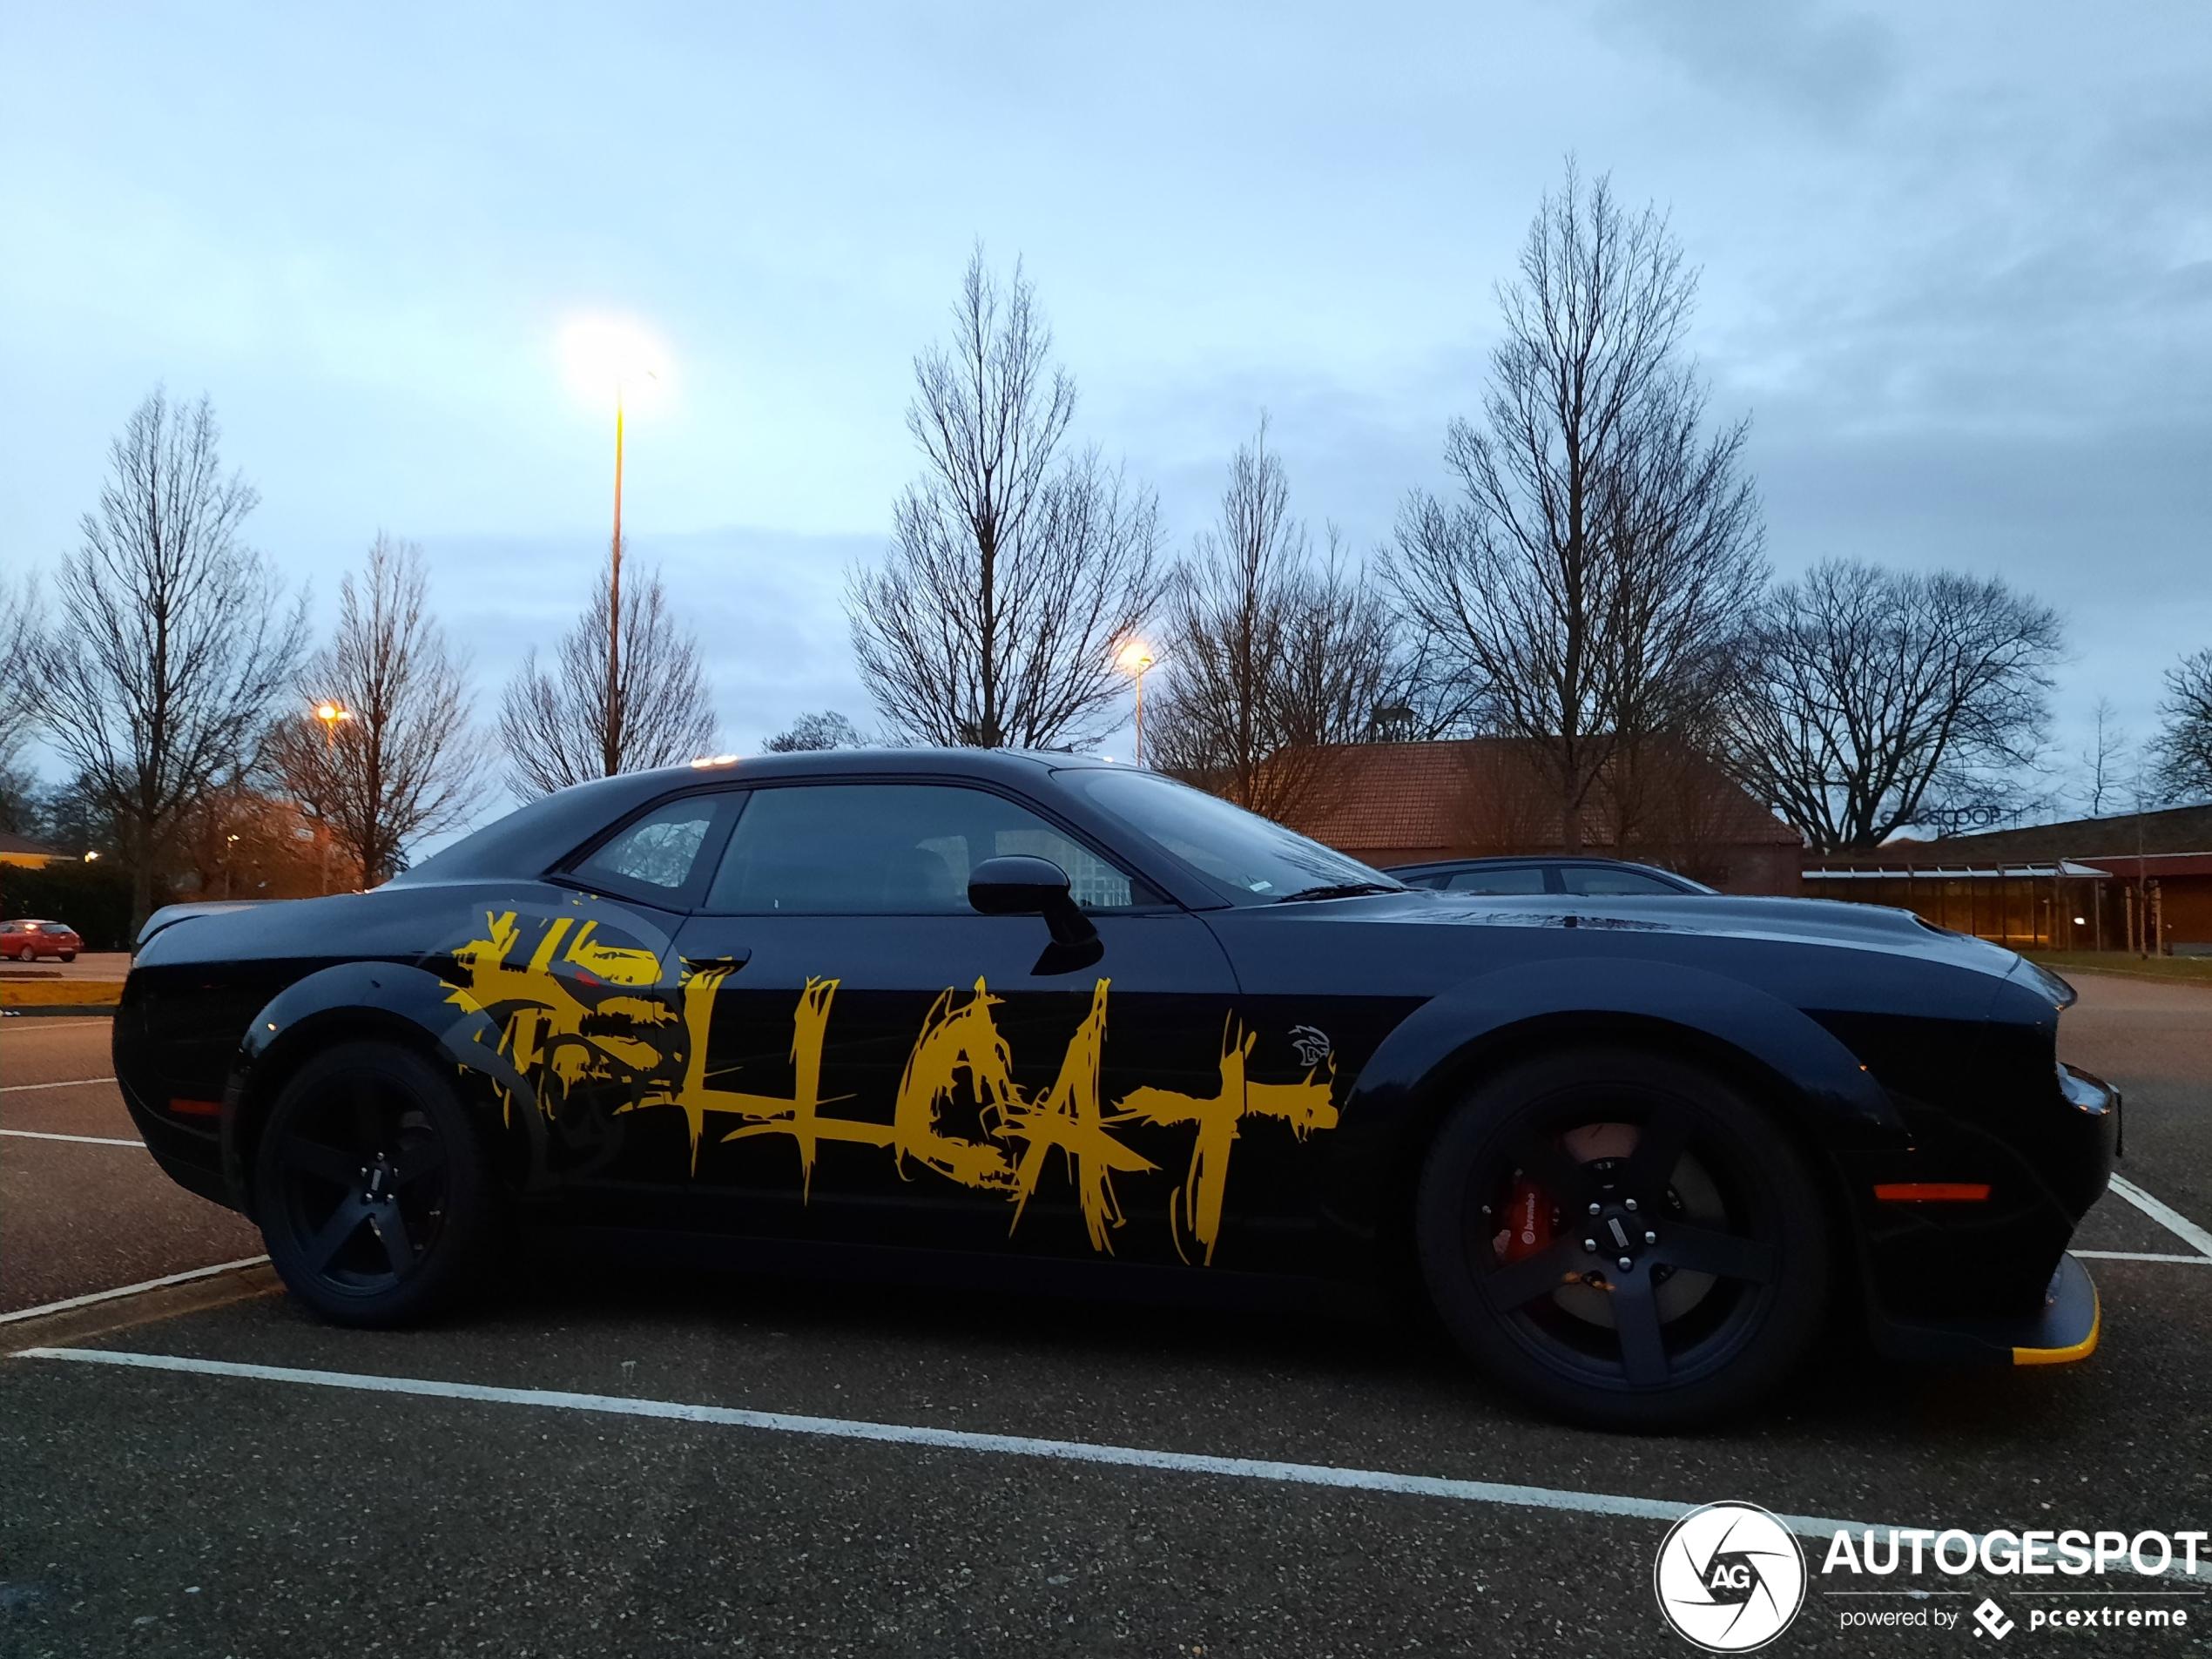 DodgeChallenger SRT Hellcat 2017